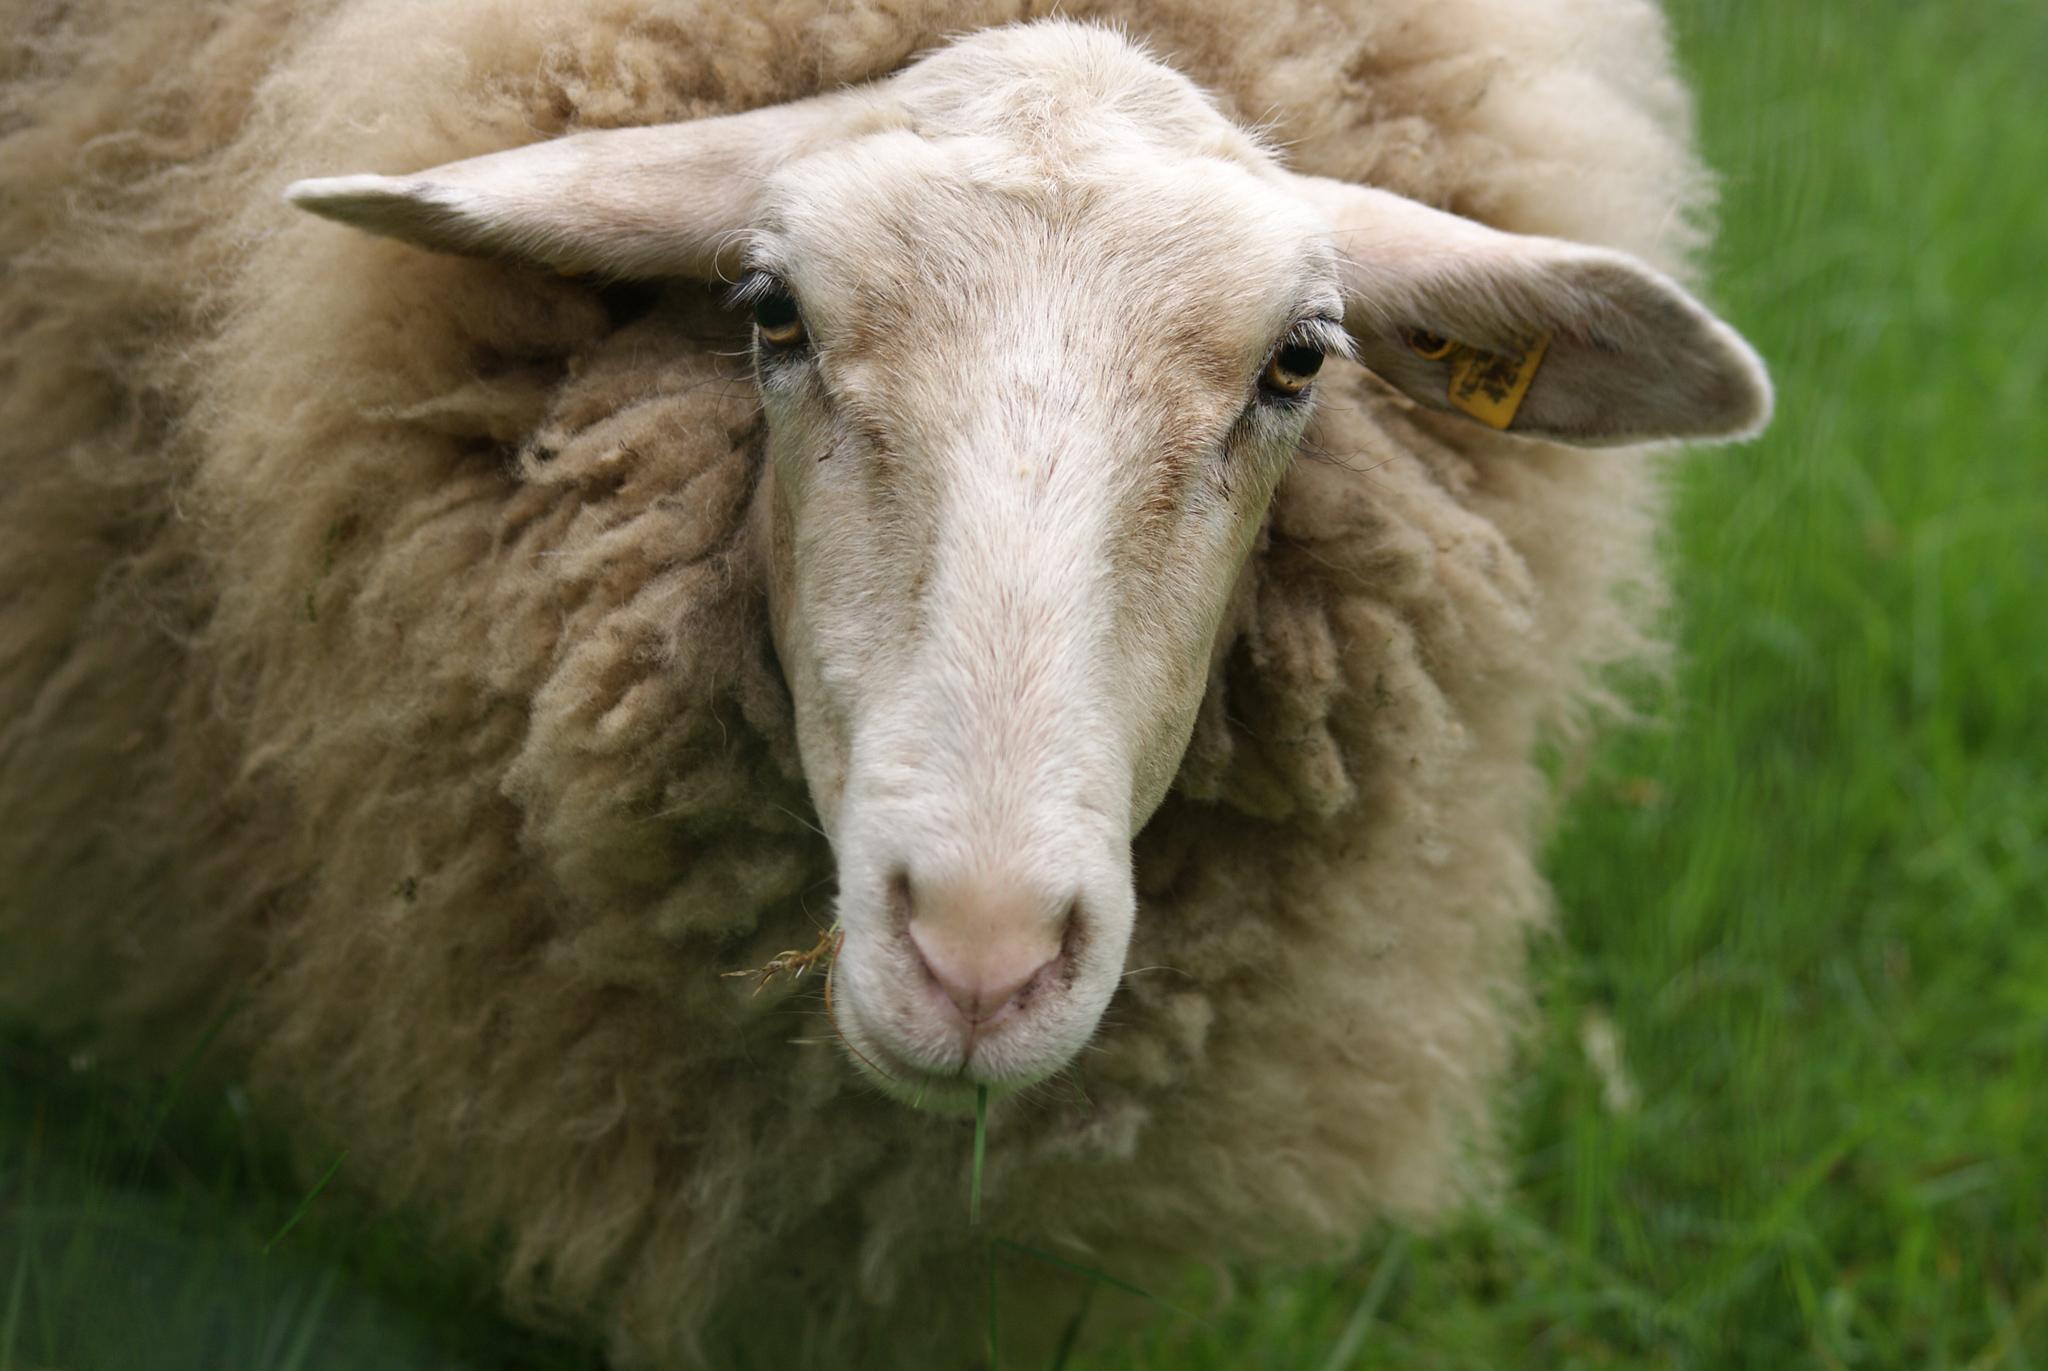 Diez razones para apoyar los derechos animales y su explicación